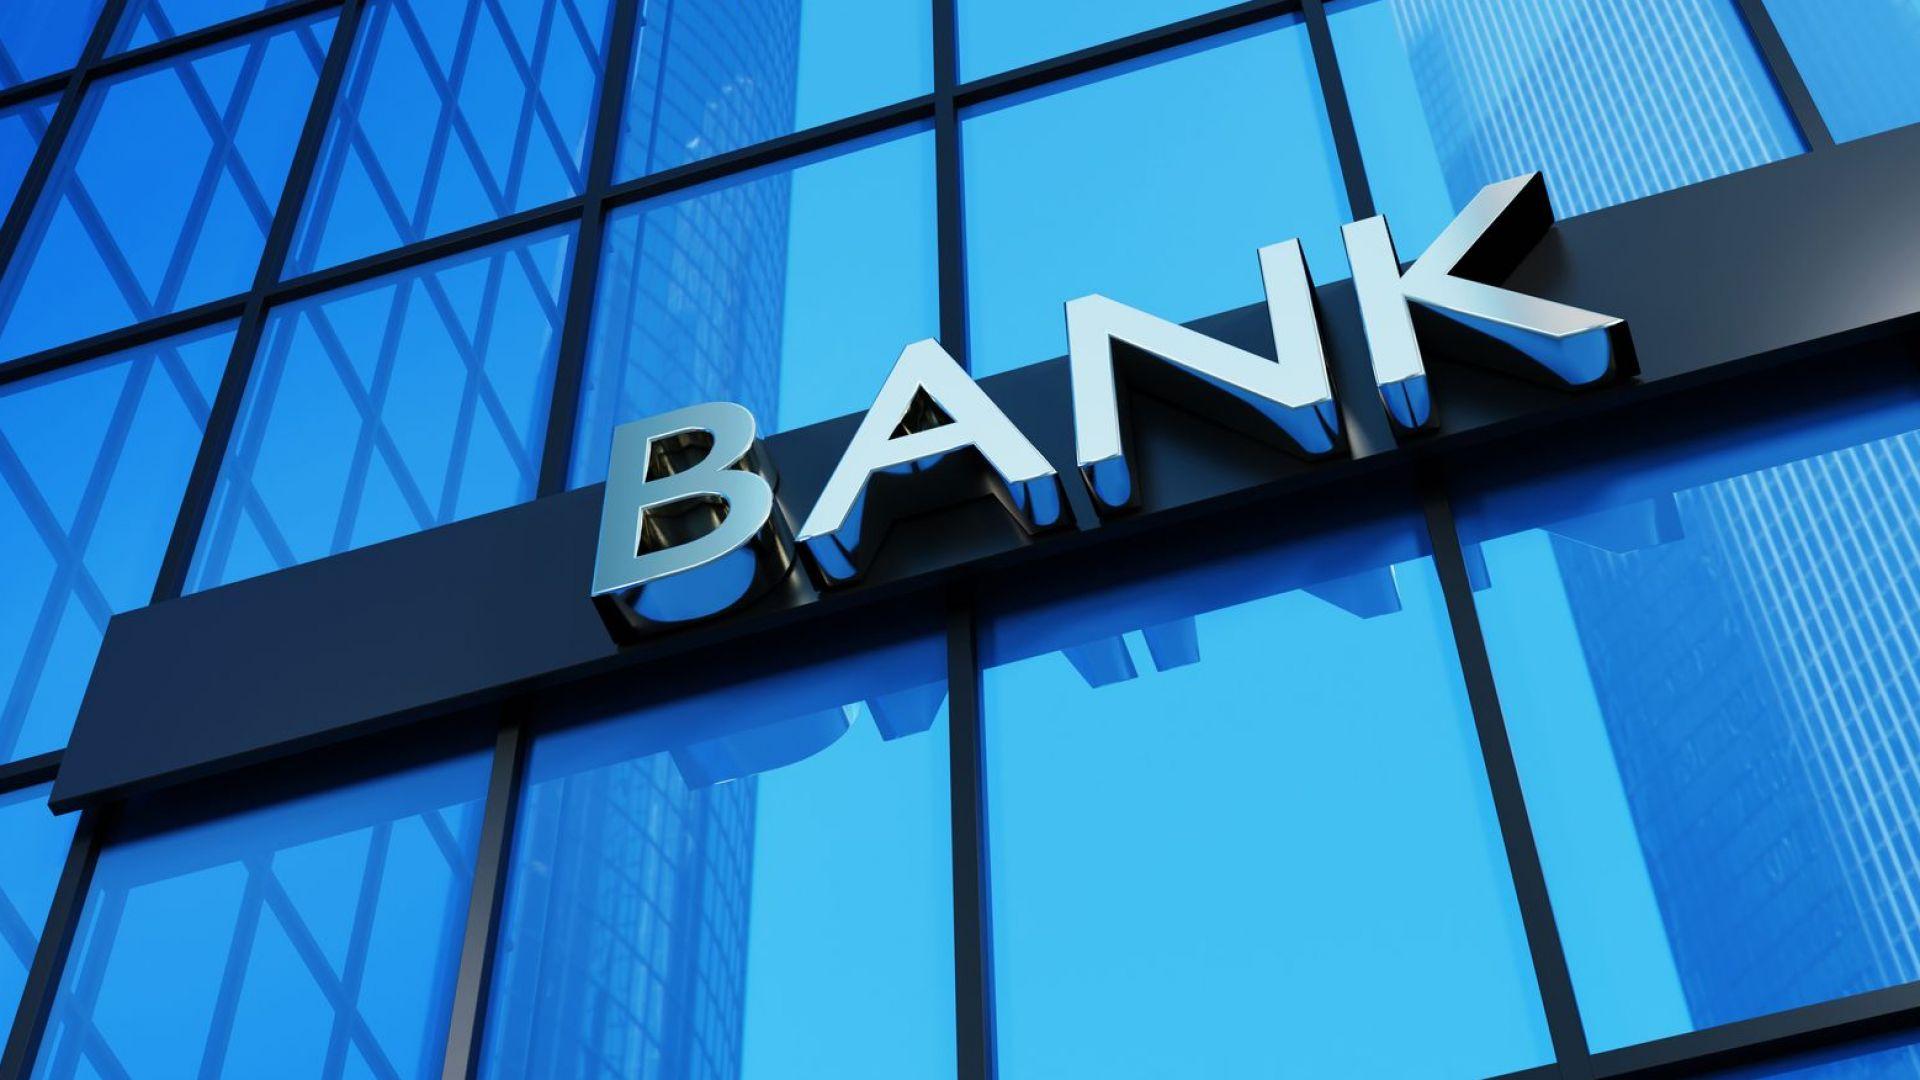 МБИС пласира облигации в България при лихва 1.15% годишно